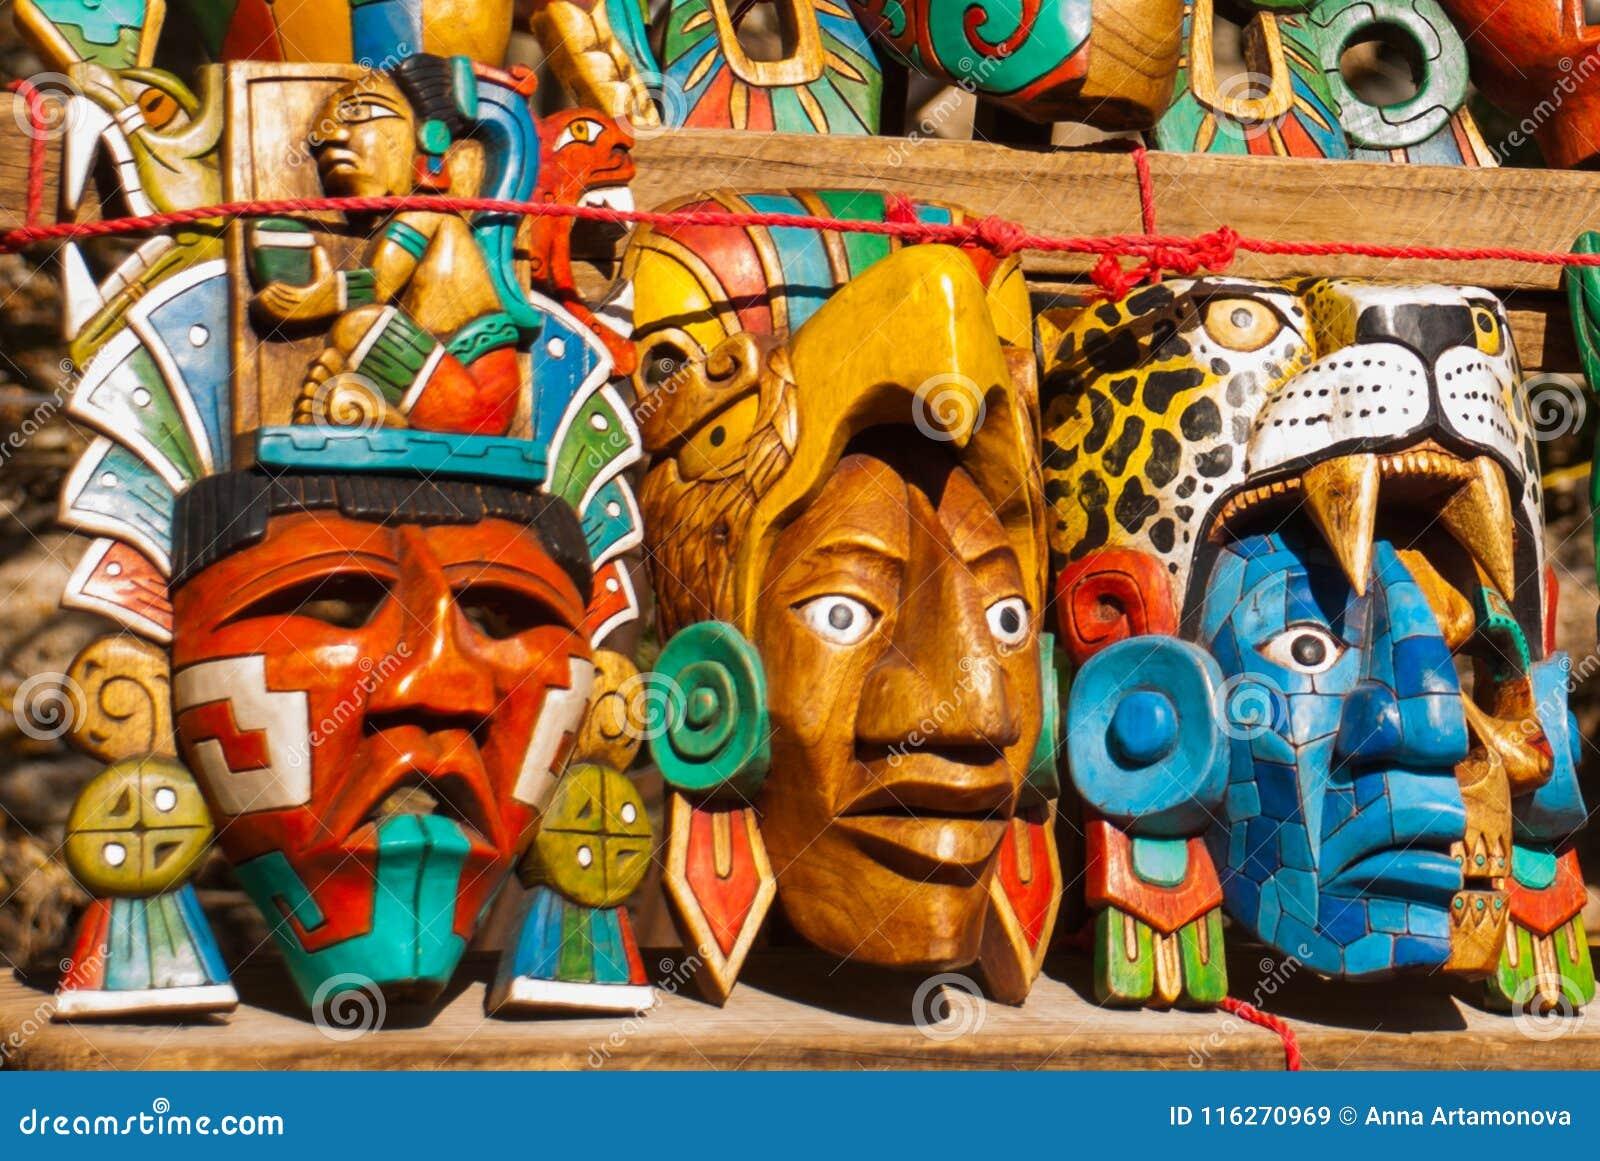 Artes Mexicanos Para Los Turistas En El Mercado Recuerdos Coloridos